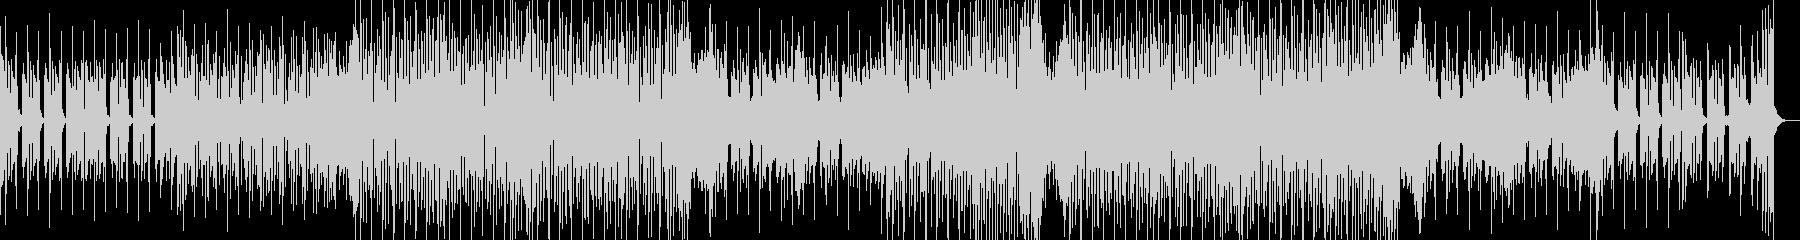 ピアノがノリノリなディスコの未再生の波形